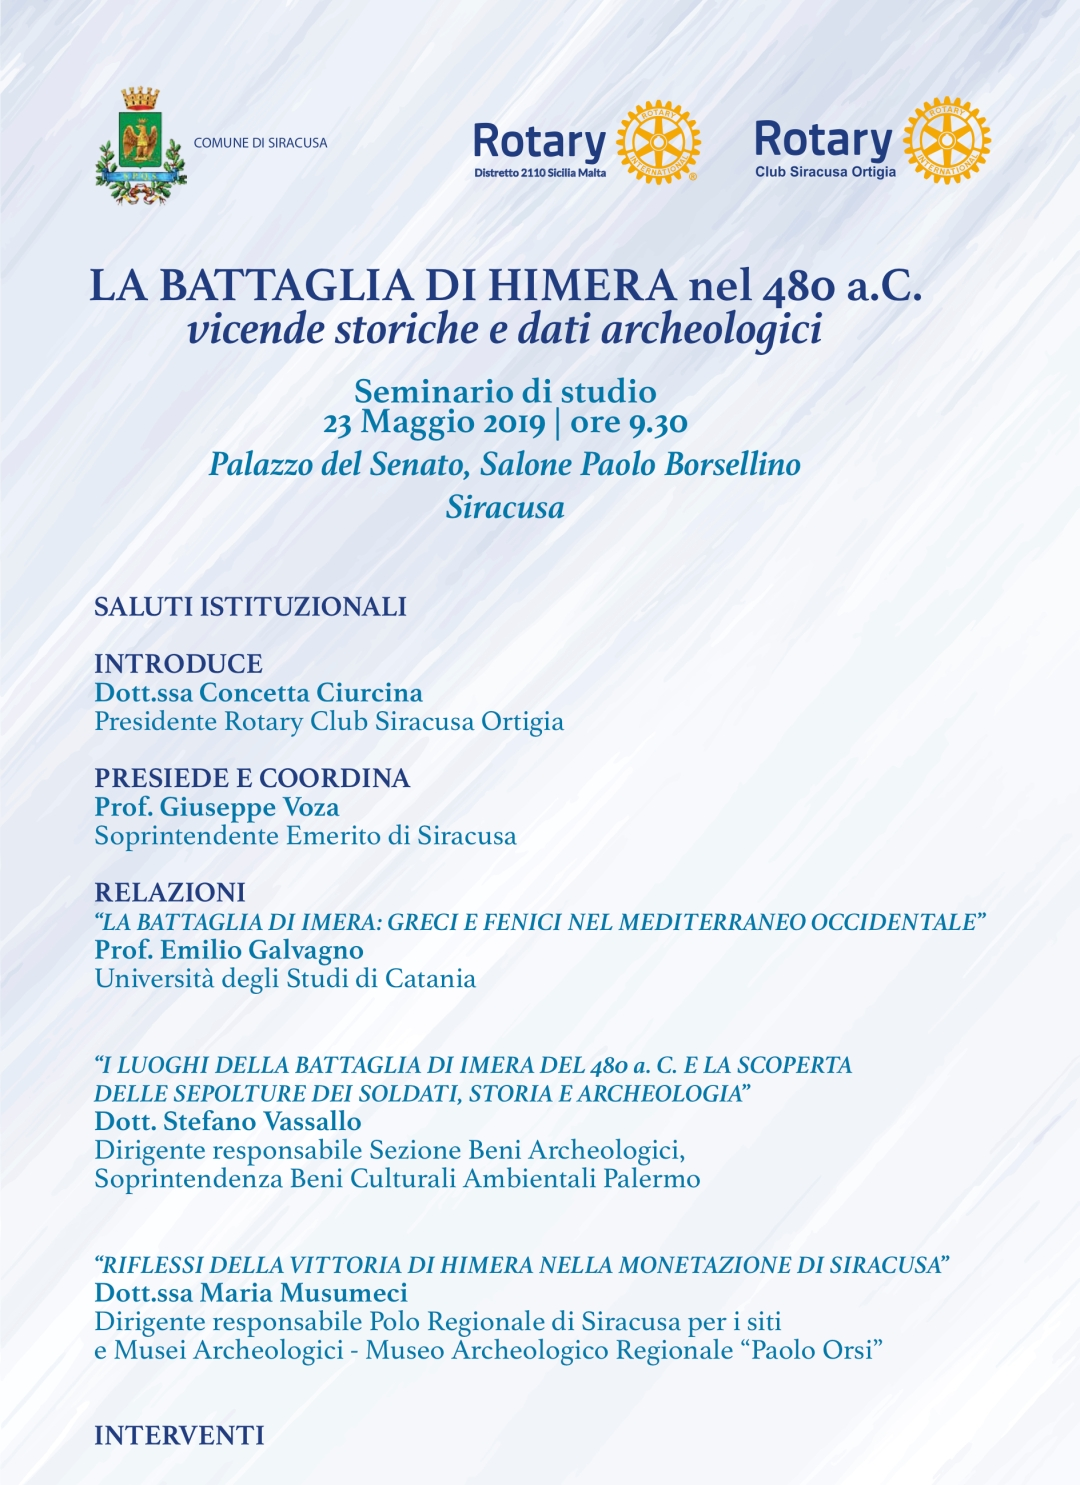 LOCANDINA-23-MAGGIO (5)